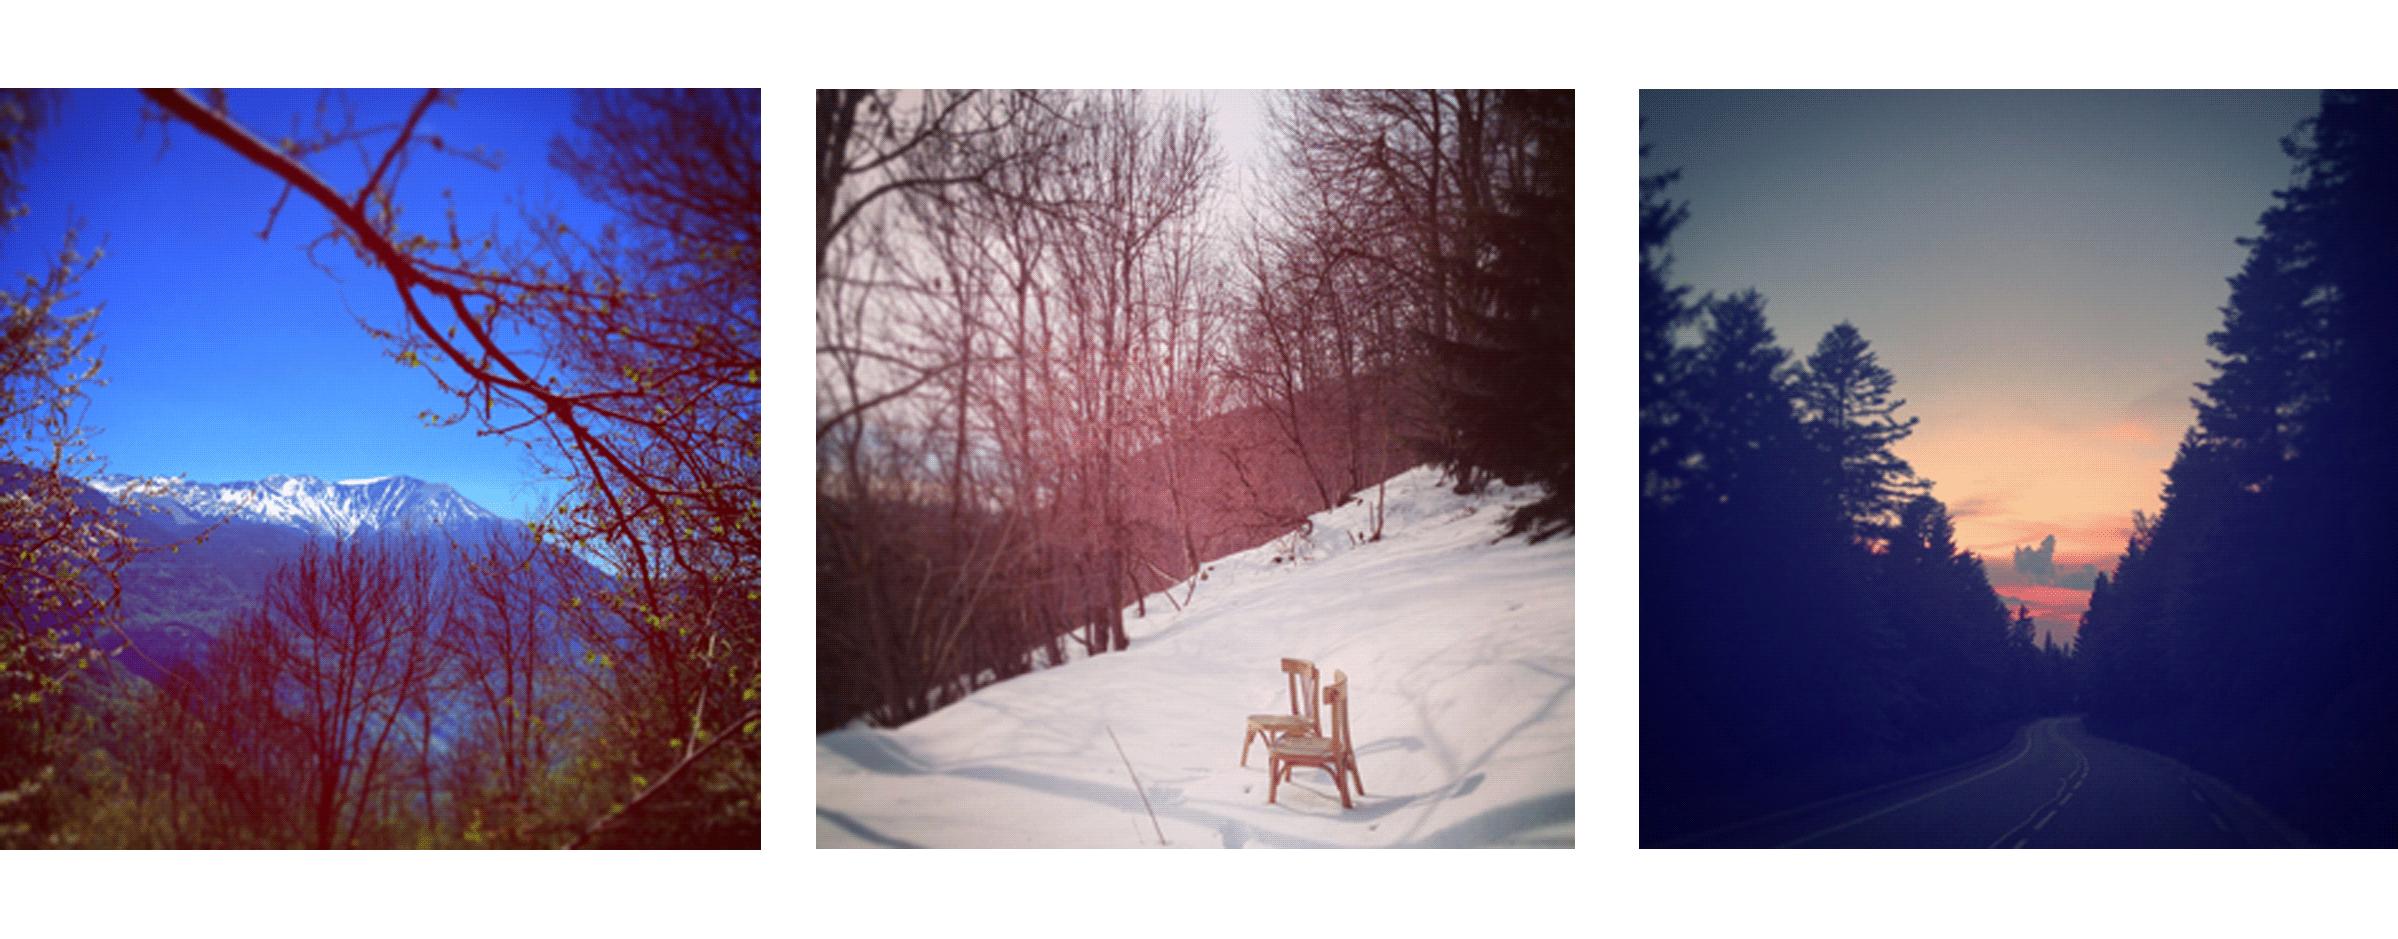 Chloe perez photographie, montagne, chaise dans la neige, la montagne ça vous gagne, présentation Chloé, photographe professionnelle fun et décontractée